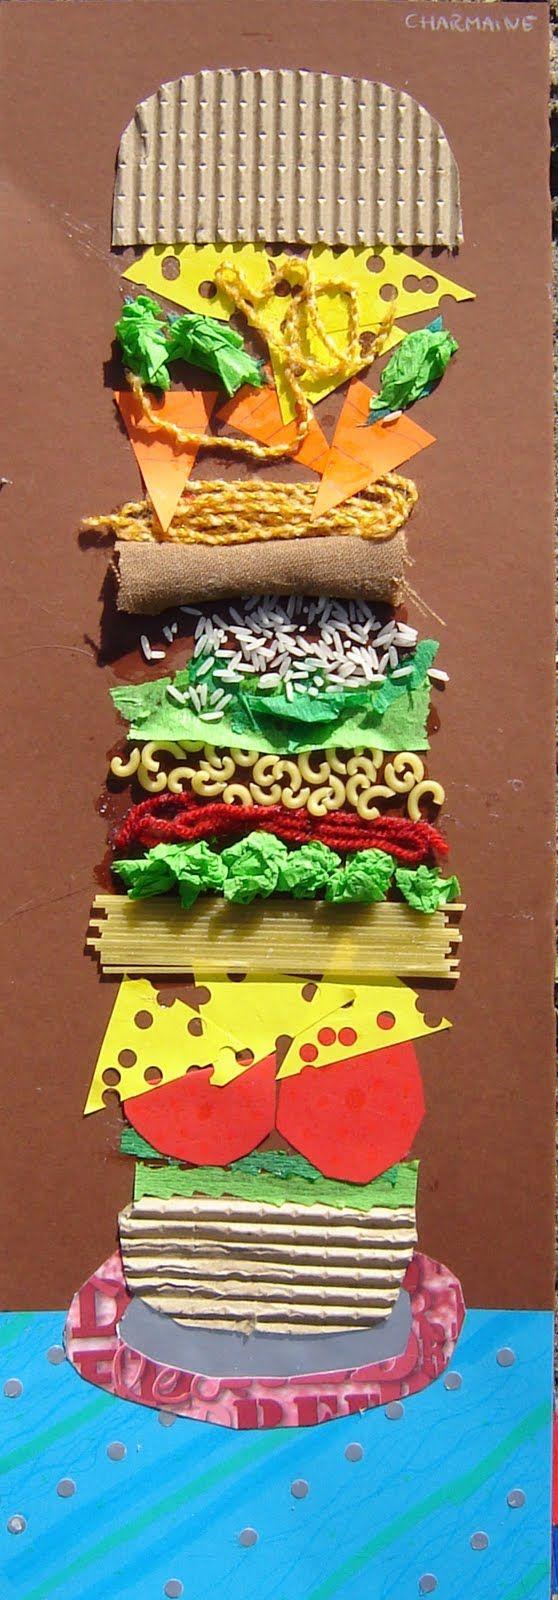 如果让你画一个汉堡,你会怎么画? 这样?  还是这样?  以上都属于传统绘画。今天Summer带大家玩点不一样的。 把角落的废旧纸箱撕下一块,捡起做手工的下脚料,边边角角的海绵纸、断了的绳子摆一摆、碎布头卷一卷、毛线团一团、皱纹纸揉吧揉吧,如果还想加点料的话,可以把大米或者意大利面撒上点。 一个非同凡响的综合材料汉堡,就出炉了。  孩子对物质材料有着本能的好奇心和探索欲望。老师可以和孩子们一起寻找材料,也可以把材料提供给孩子让他们自由发挥。 彩笔的颜色组合远不如材料的组合方式更多更出彩。  在操作活动中